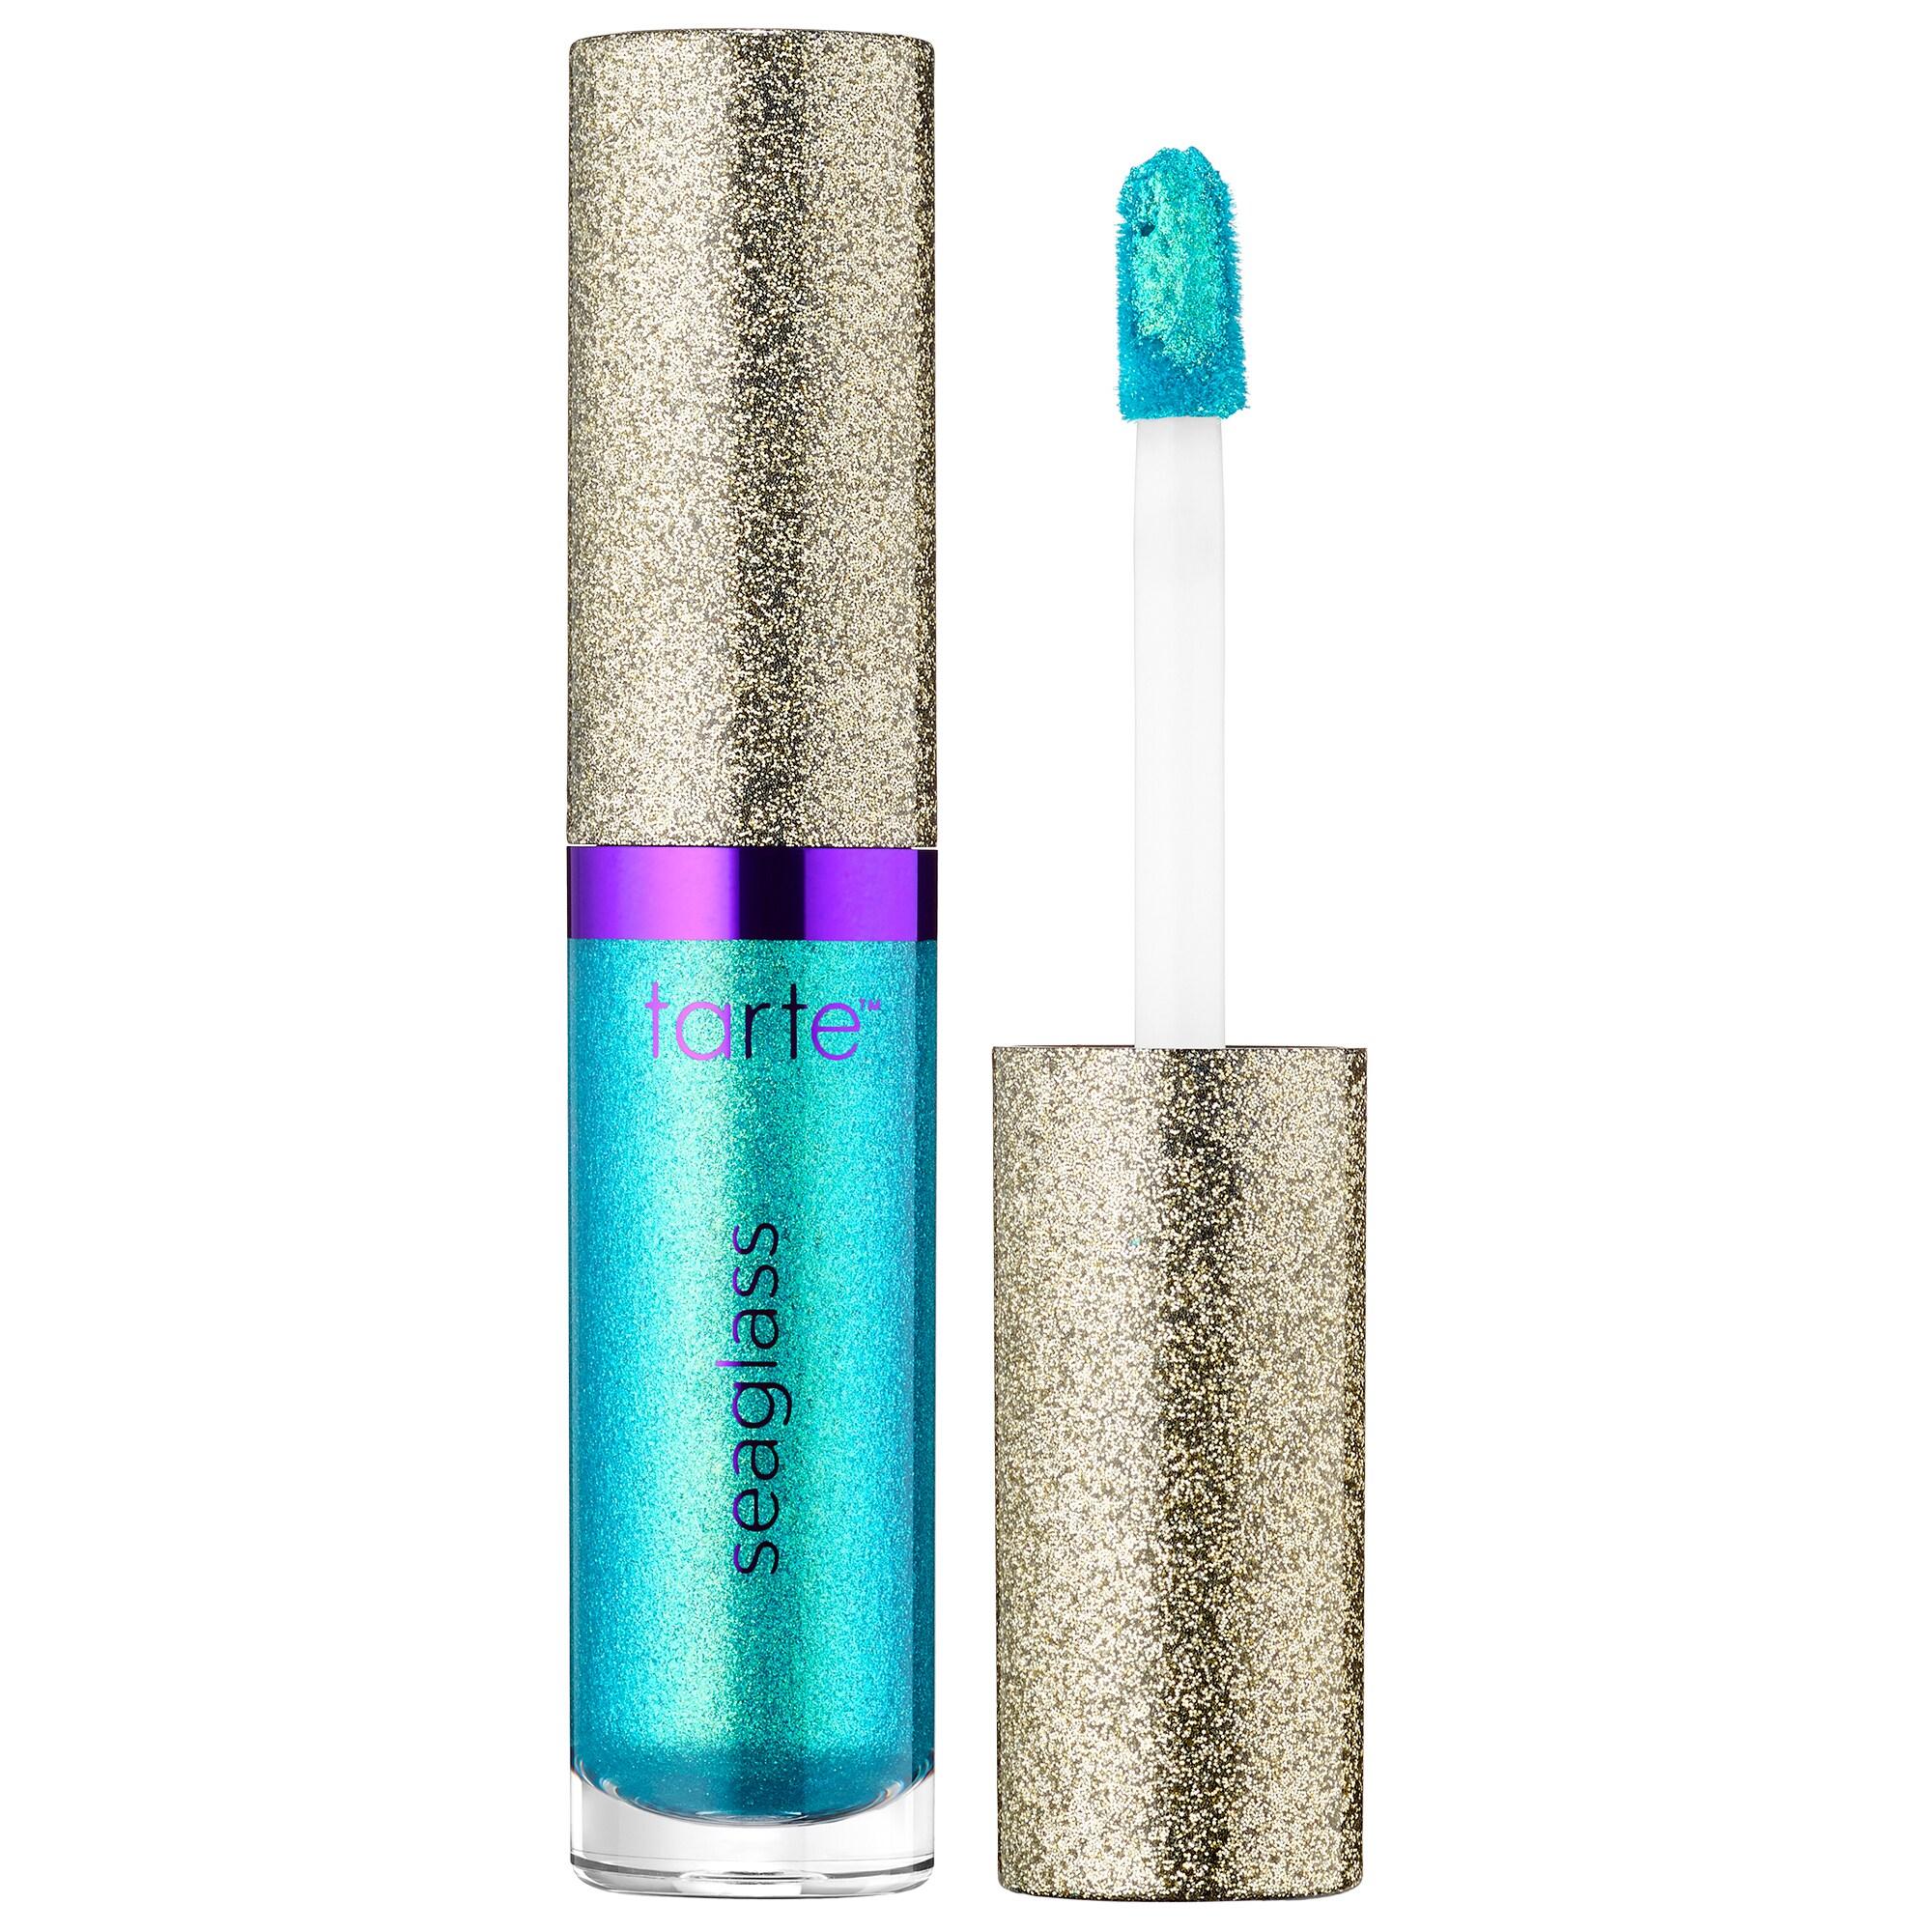 Tarte - SEA Seaglass Liquid Eyeshadow